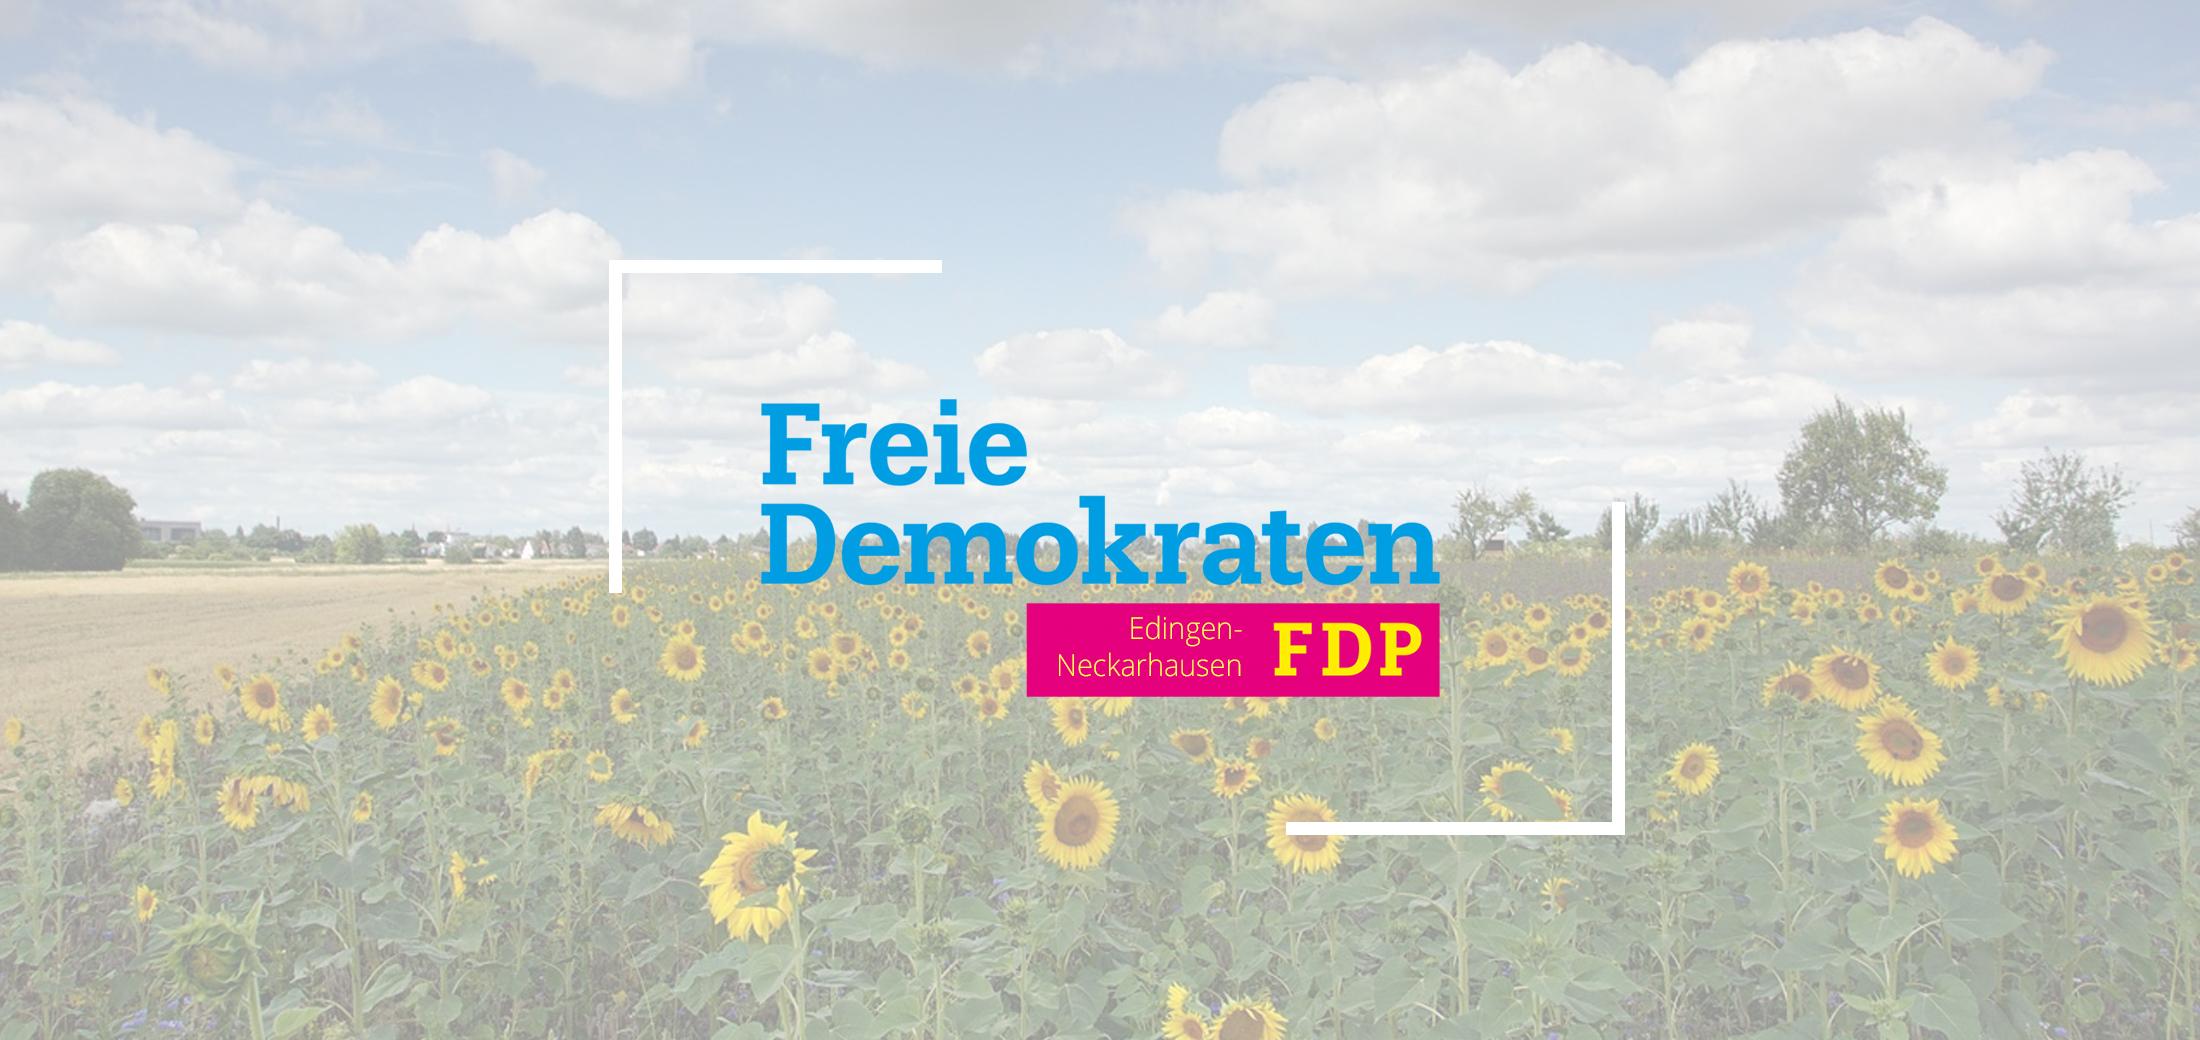 Thüringen ist überall. Kein weiter so! Was ist zu tun für die FDP und alle Demokraten?